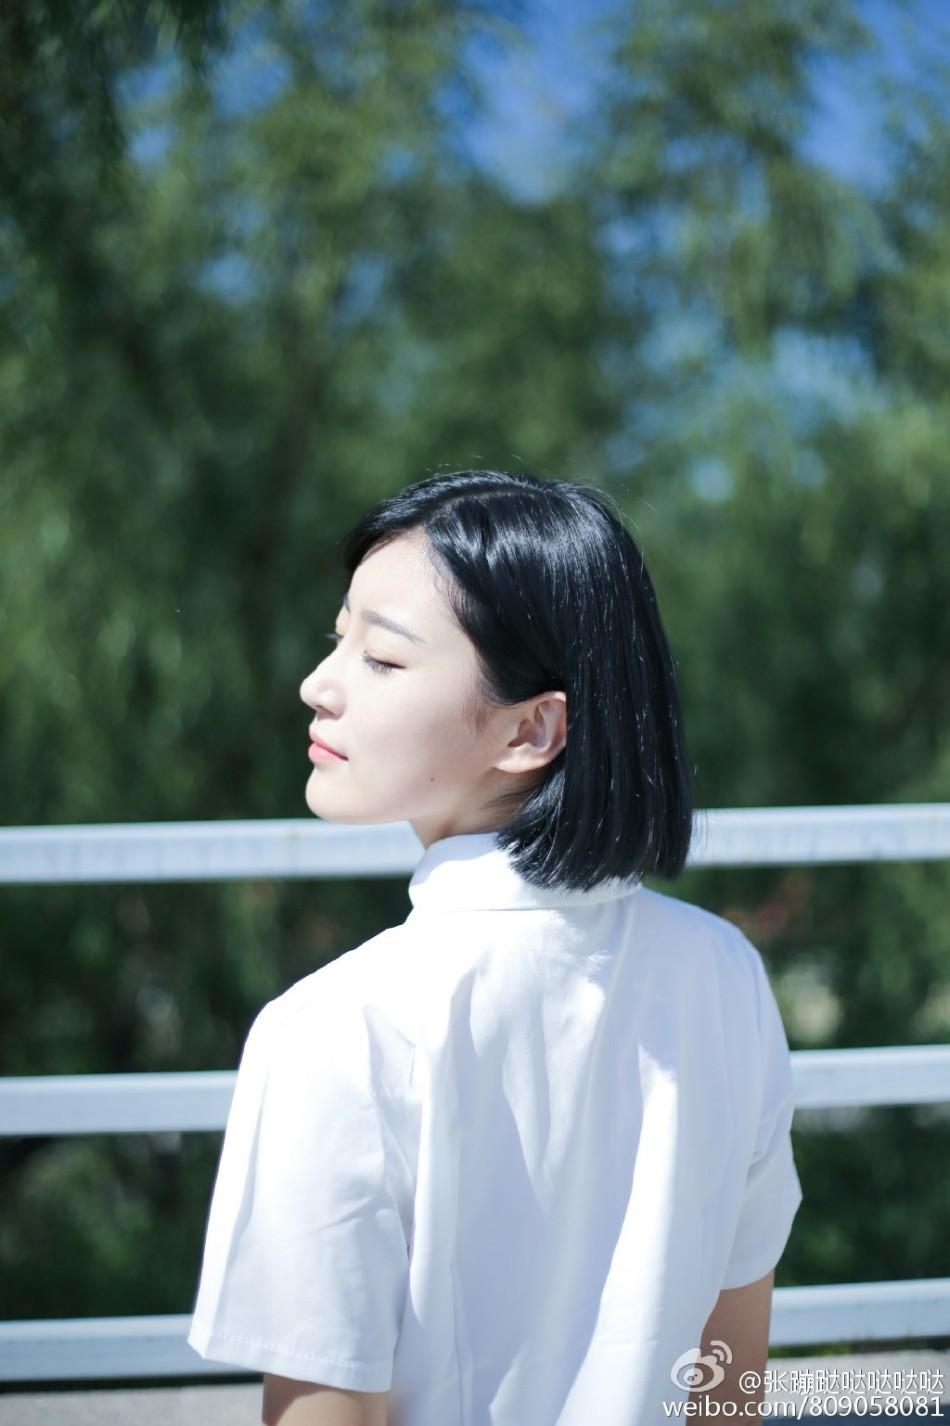 公安大学 清新/近日,来自中国人民公安大学的女生@张蹦跶哒哒哒哒在微博晒出...